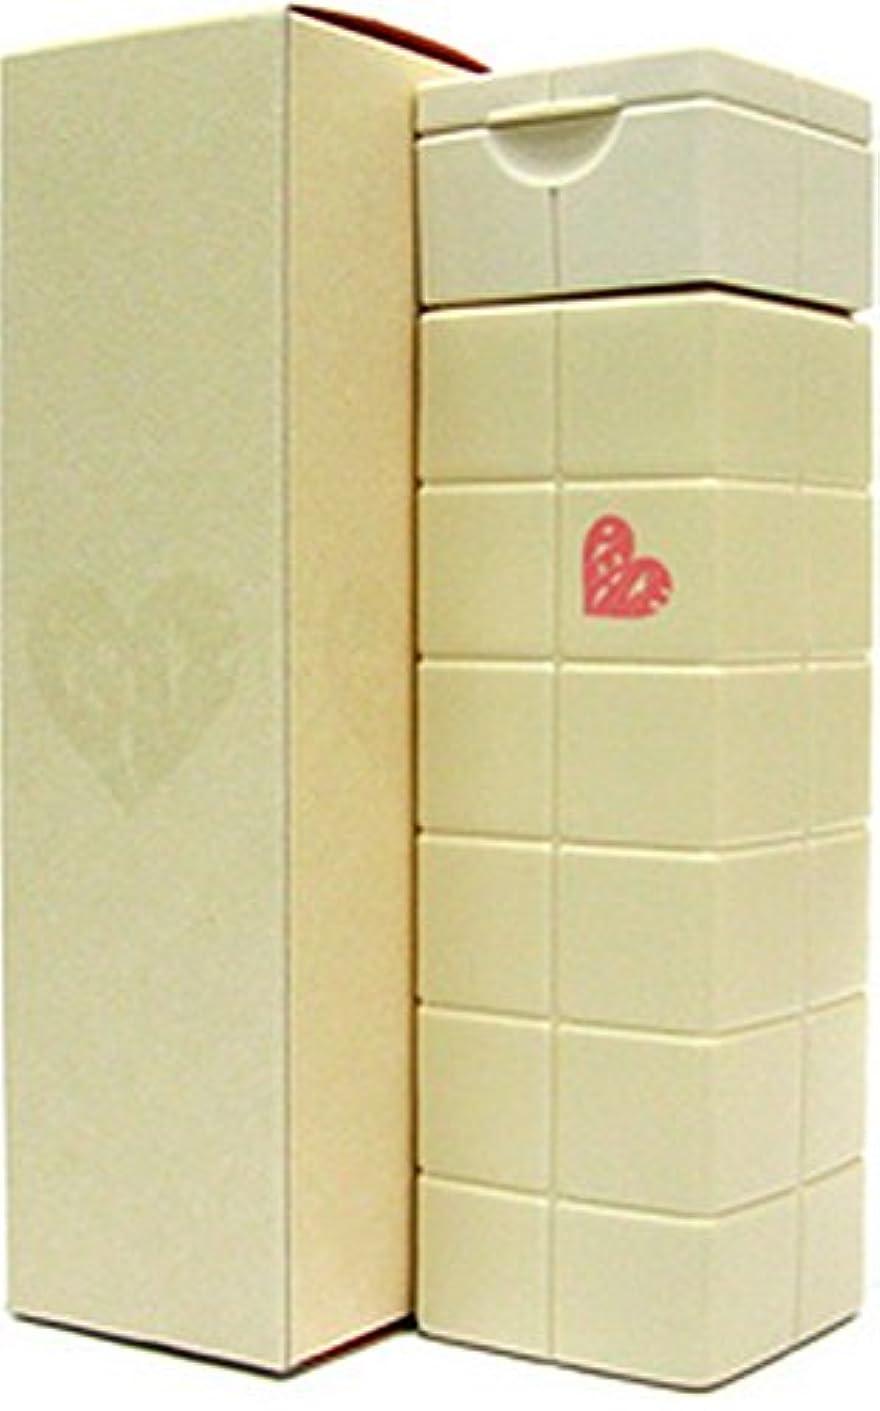 パーツクロニクル解明するアリミノ ピース プロデザインシリーズ モイストミルク バニラ 200ml 洗い流さないヘアトリートメント